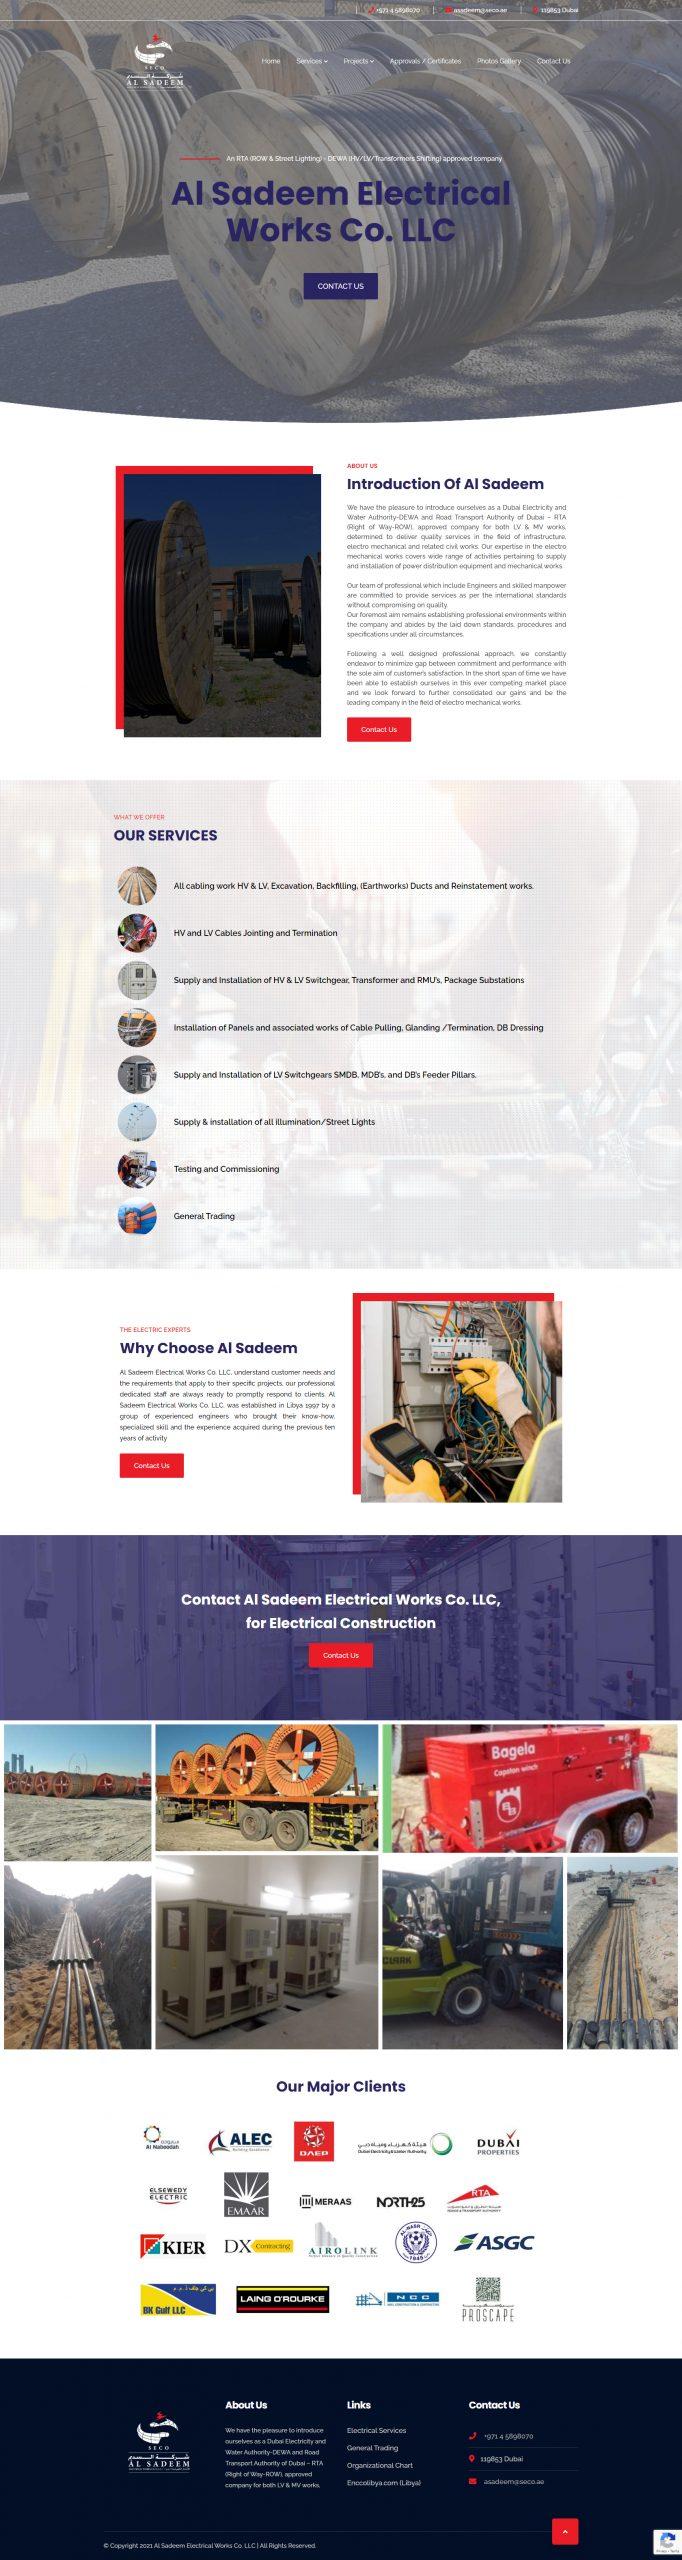 Al Sadeem Electrical Works Co. LLC